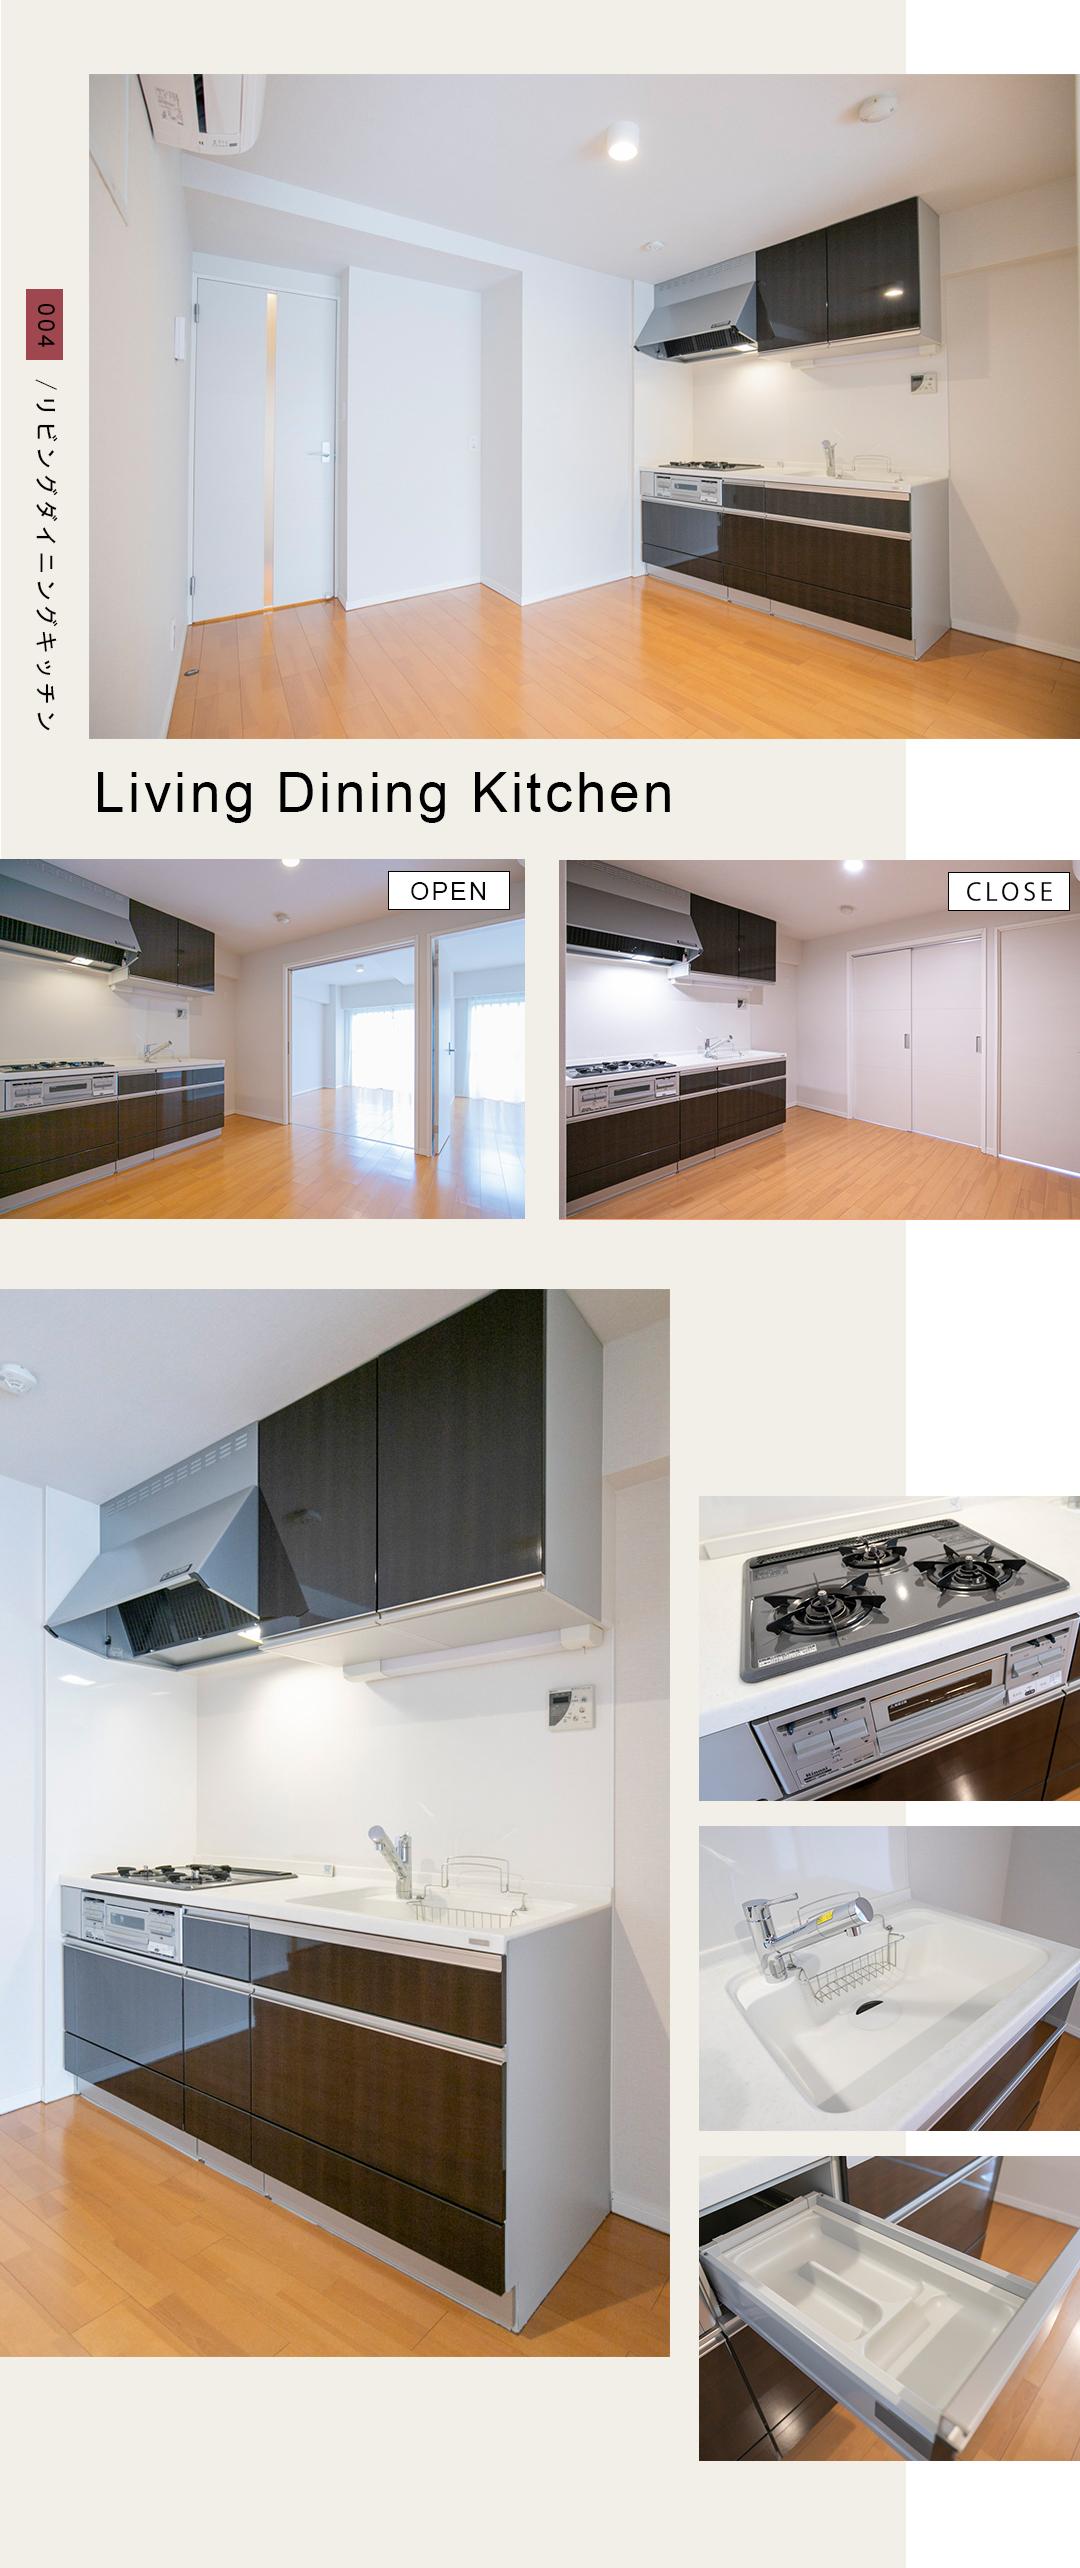 004,リビングダイニングキッチン,LivingDiningKitchen,,,,,,,,